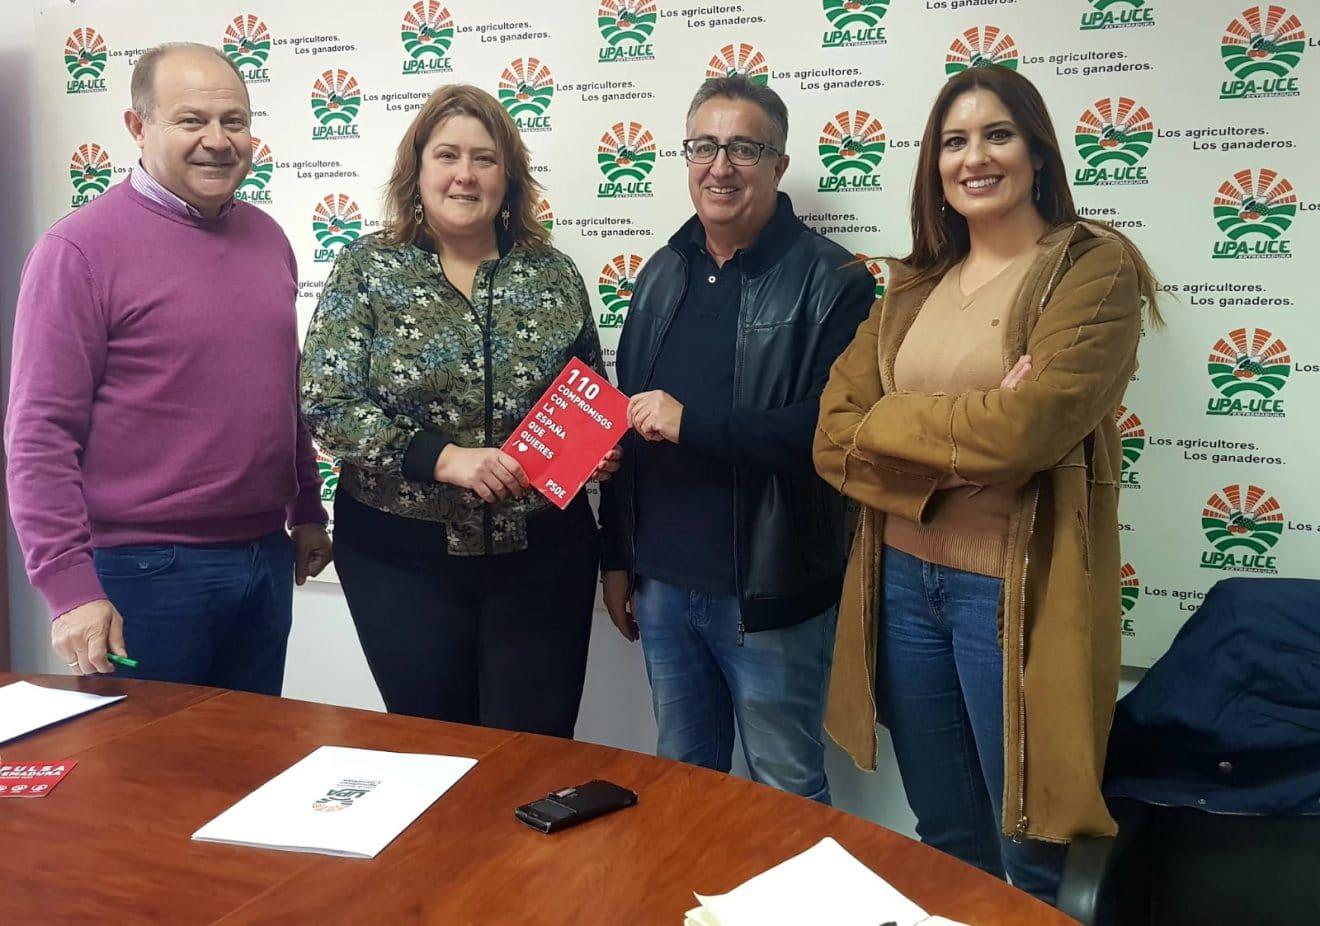 UPA-UCE PROPONE AL PSOE ELABORAR UNA LEY PARA PROTEGER LA AGRICULTURA FAMILIAR